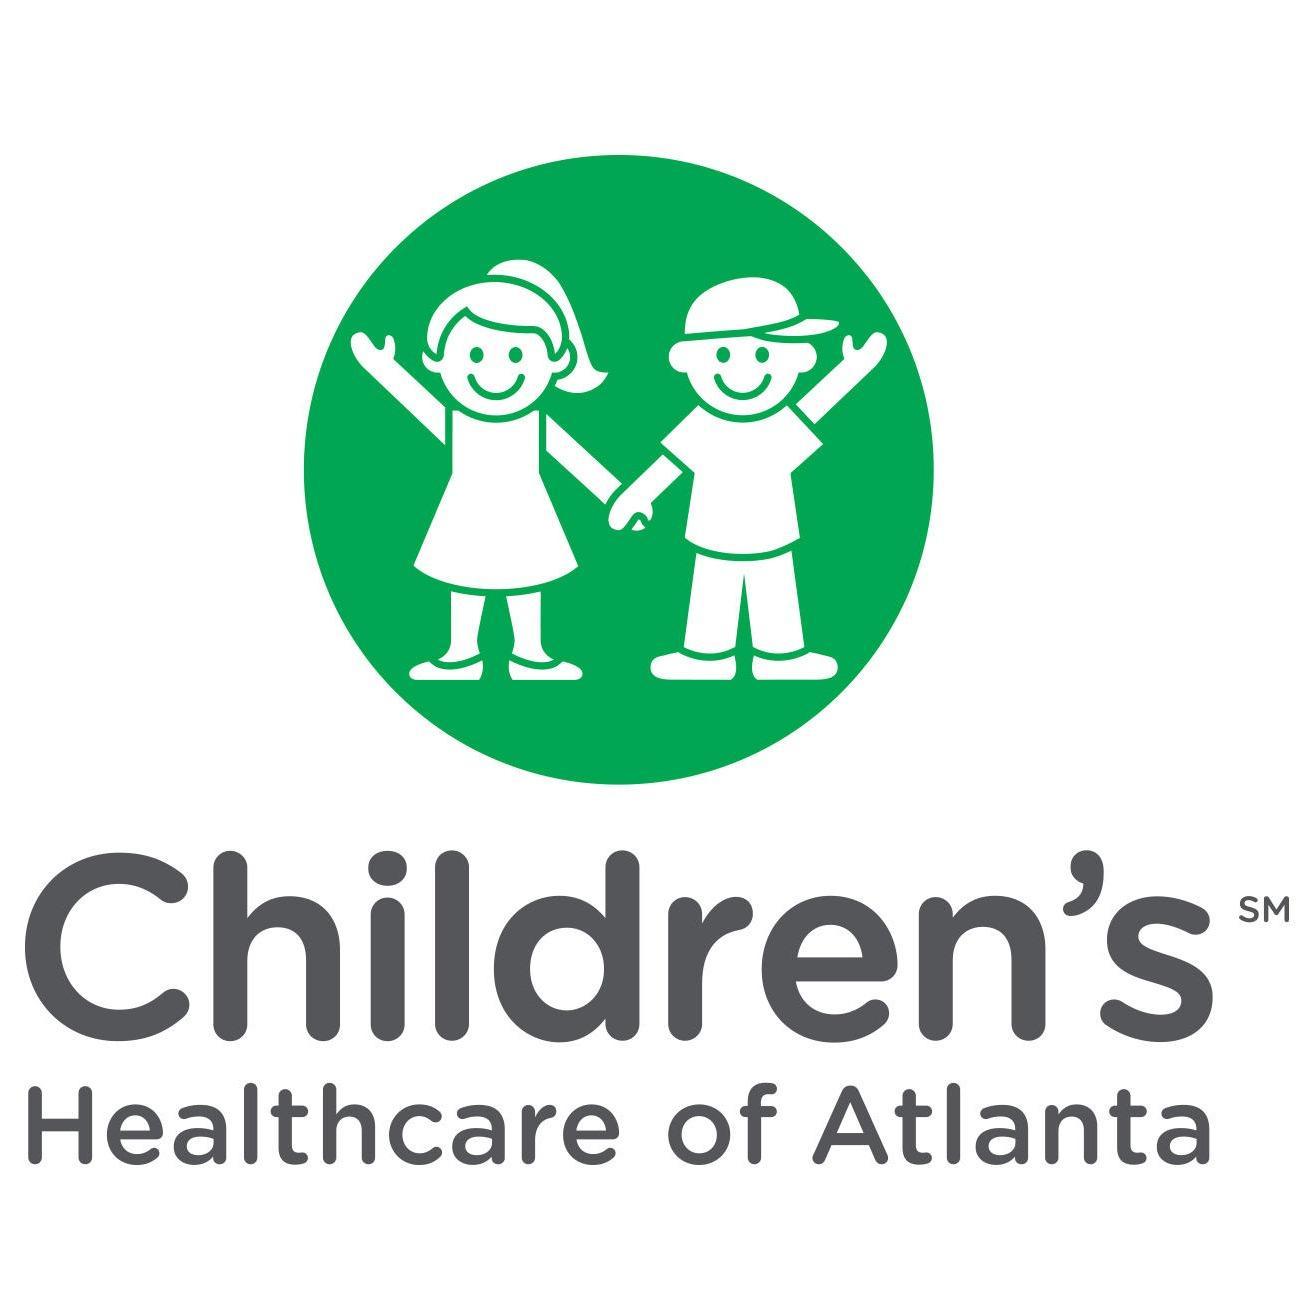 Children's Healthcare of Atlanta Orthotics and Prosthetics - Mt. Zion image 1